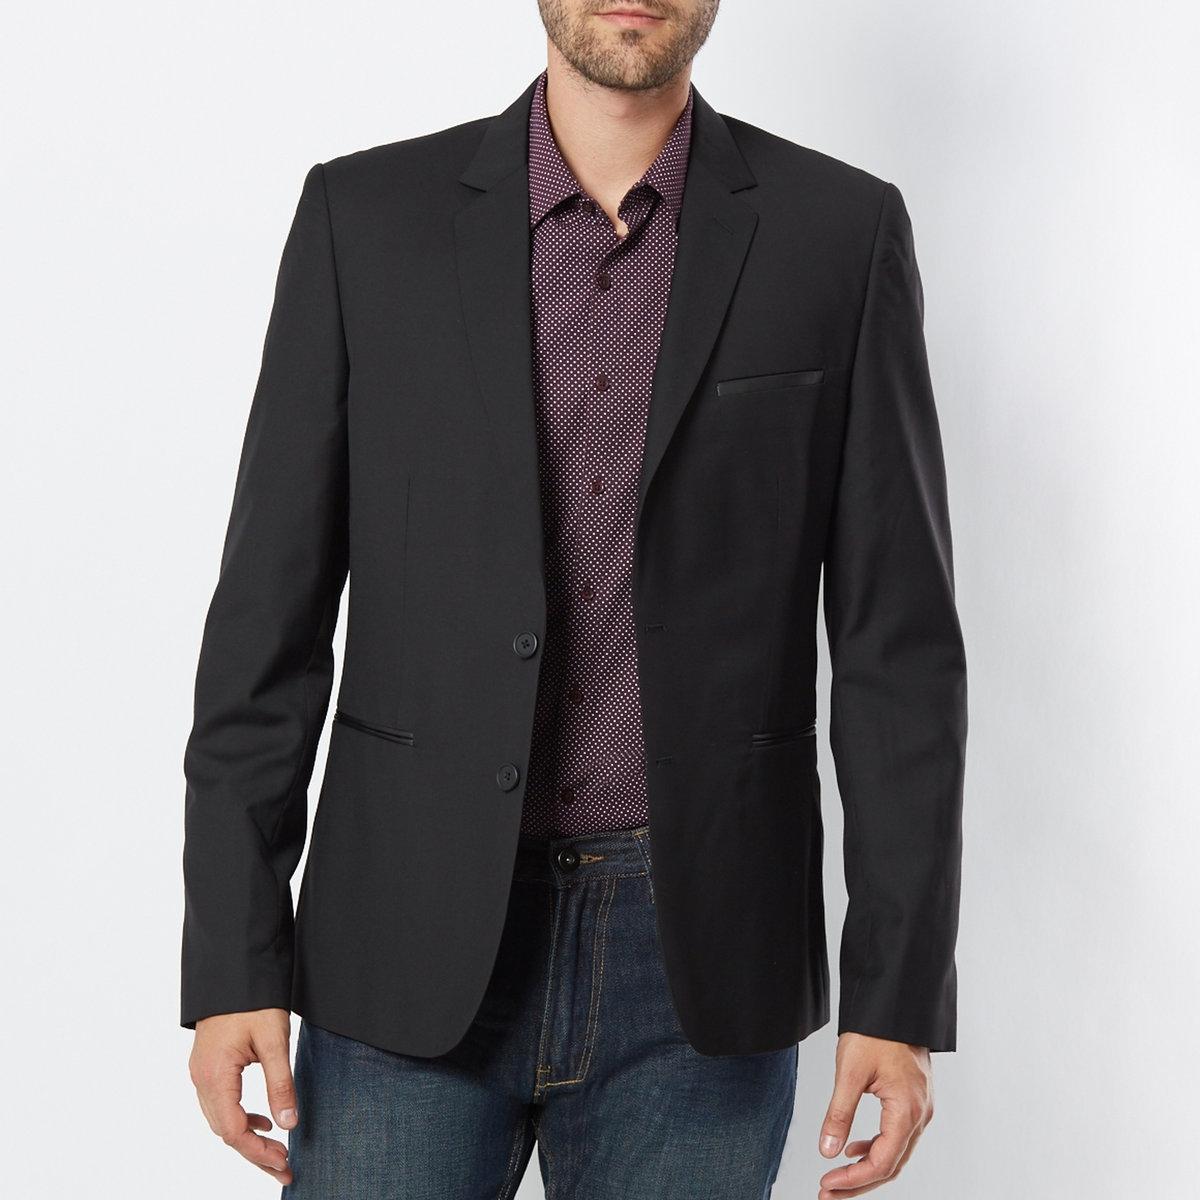 Жакет блейзерБлейзер из 80% полиэстера, 20% вискозы. Облегающий покрой. 2 передних накладных кармана + 1 накладной нагрудный карман.  Длина 73 см.<br><br>Цвет: черный<br>Размер: 42.44.46